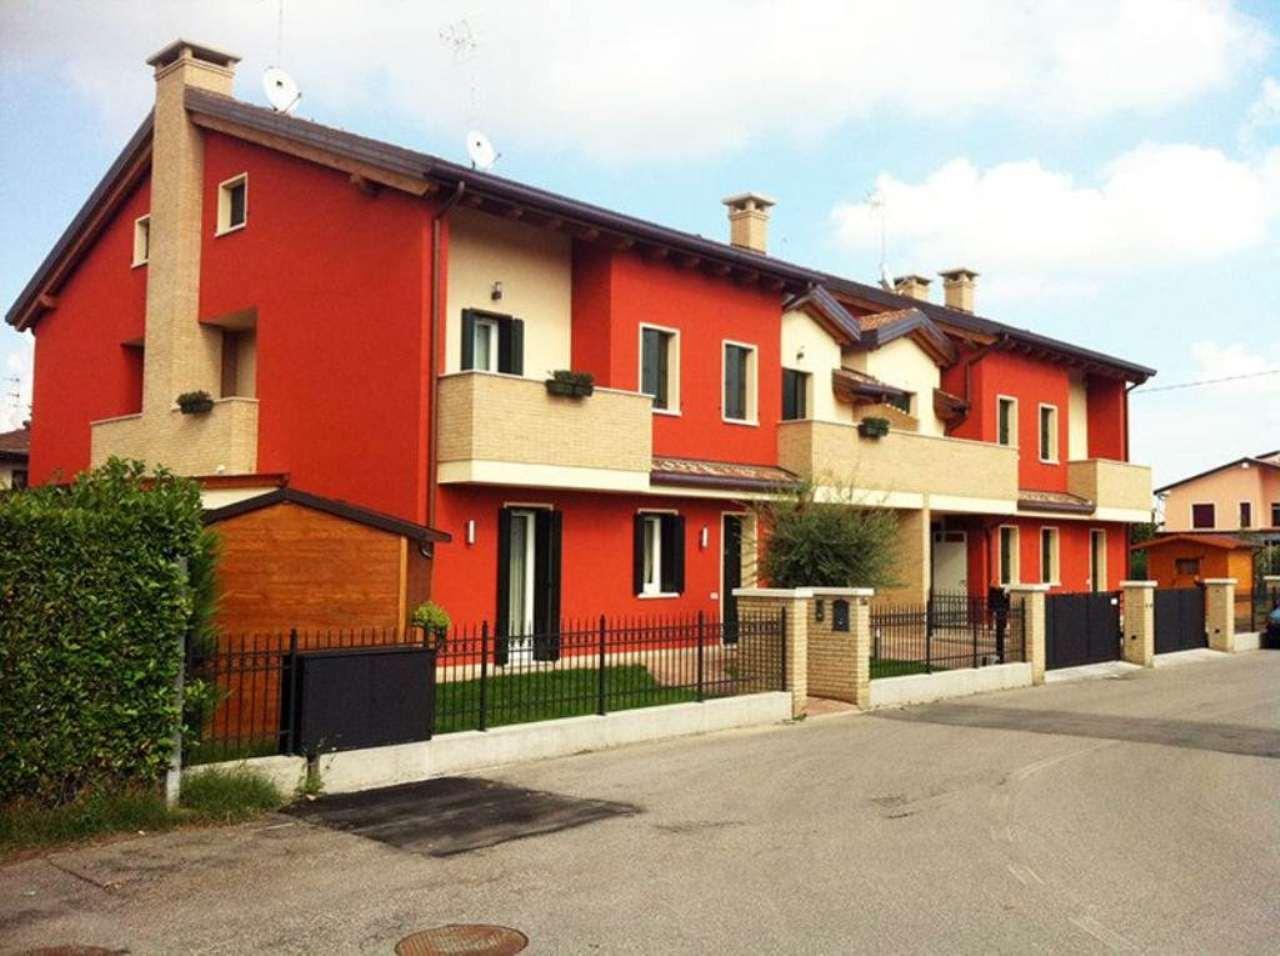 Villa Tri-Quadrifamiliare in vendita a Legnaro, 7 locali, prezzo € 220.000 | Cambio Casa.it